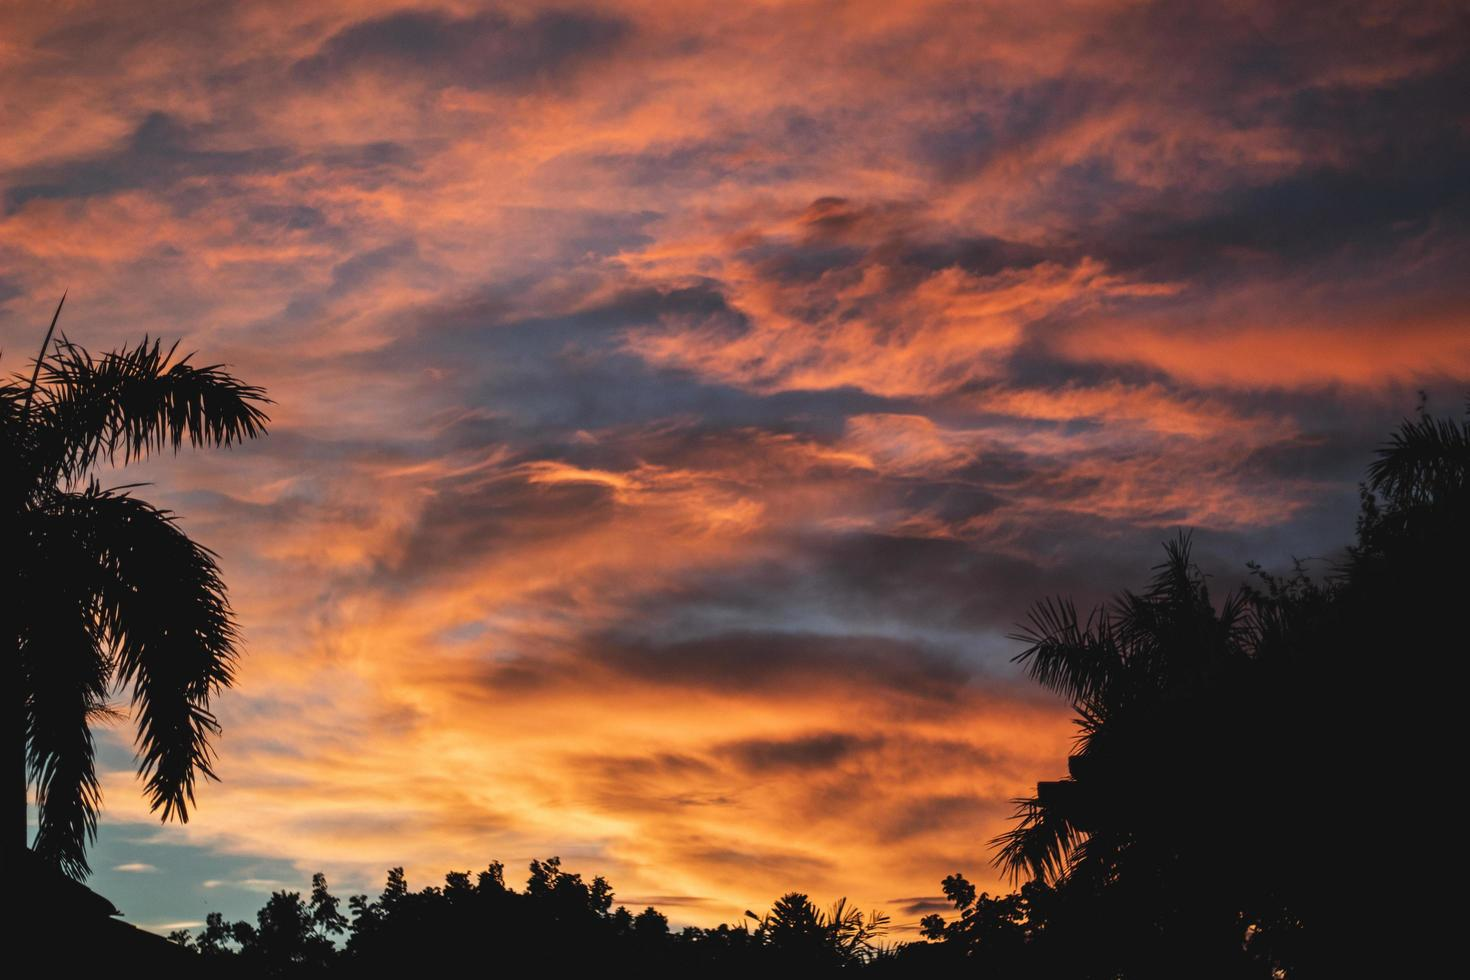 puesta de sol sobre palmeras foto